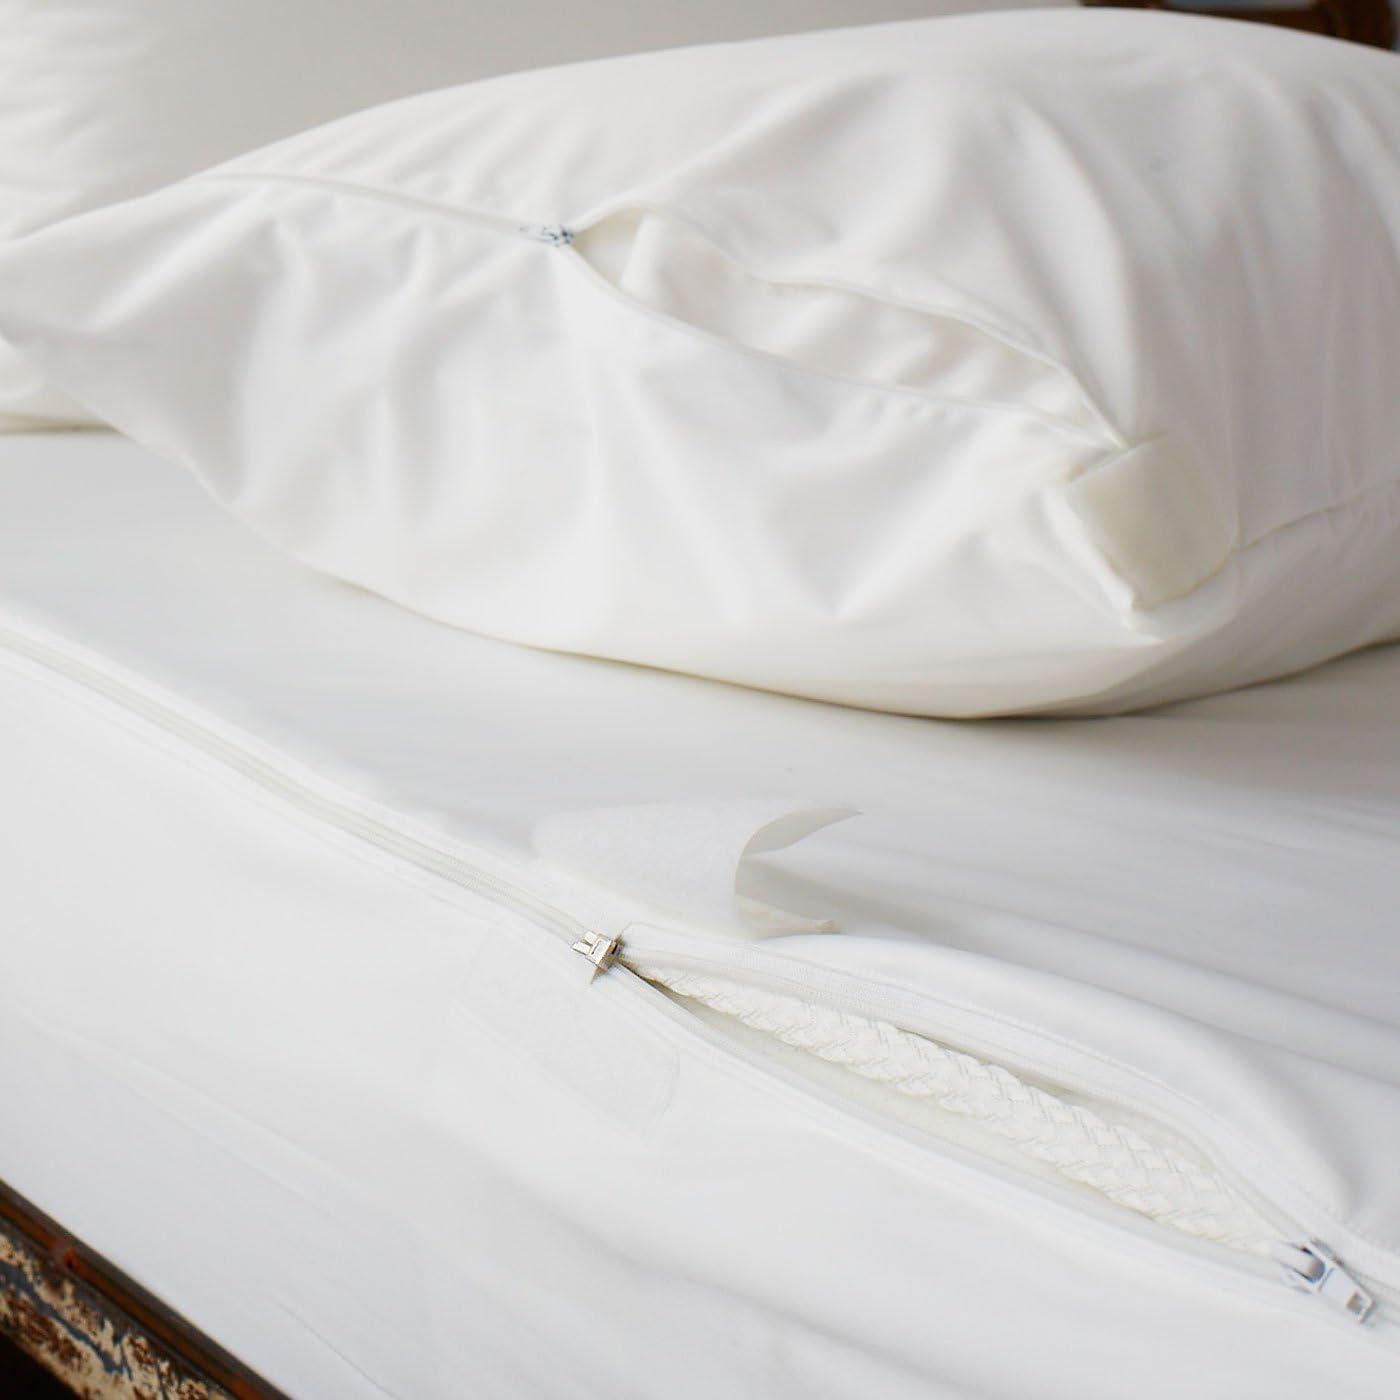 Soak Sleep Ultimate Water Resistant Anti Bed Bug Mattress